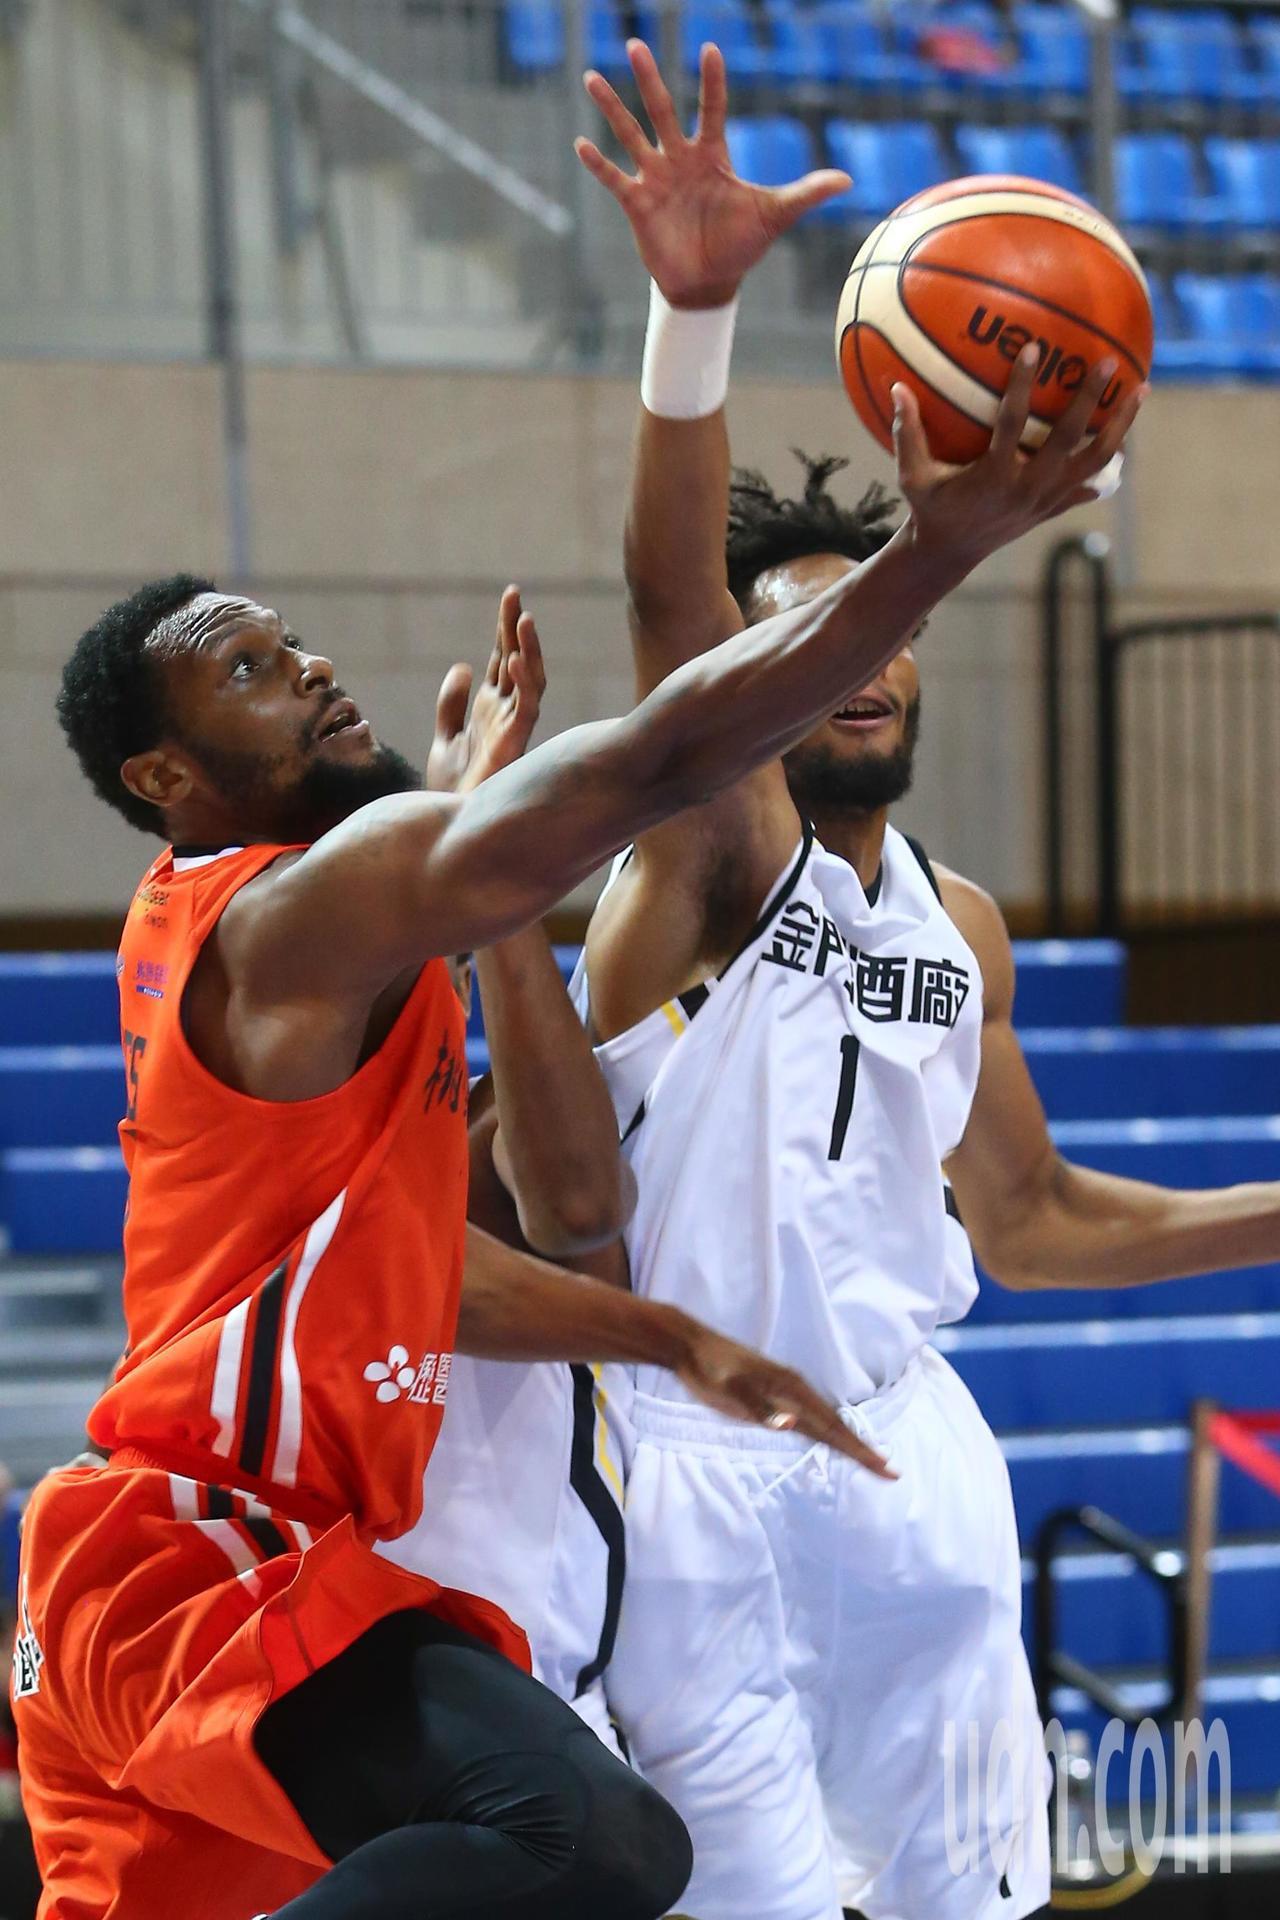 SBL超級籃球聯賽今晚在天母開打,金酒隊洋將JONES(左)雖然得到全場最高分3...